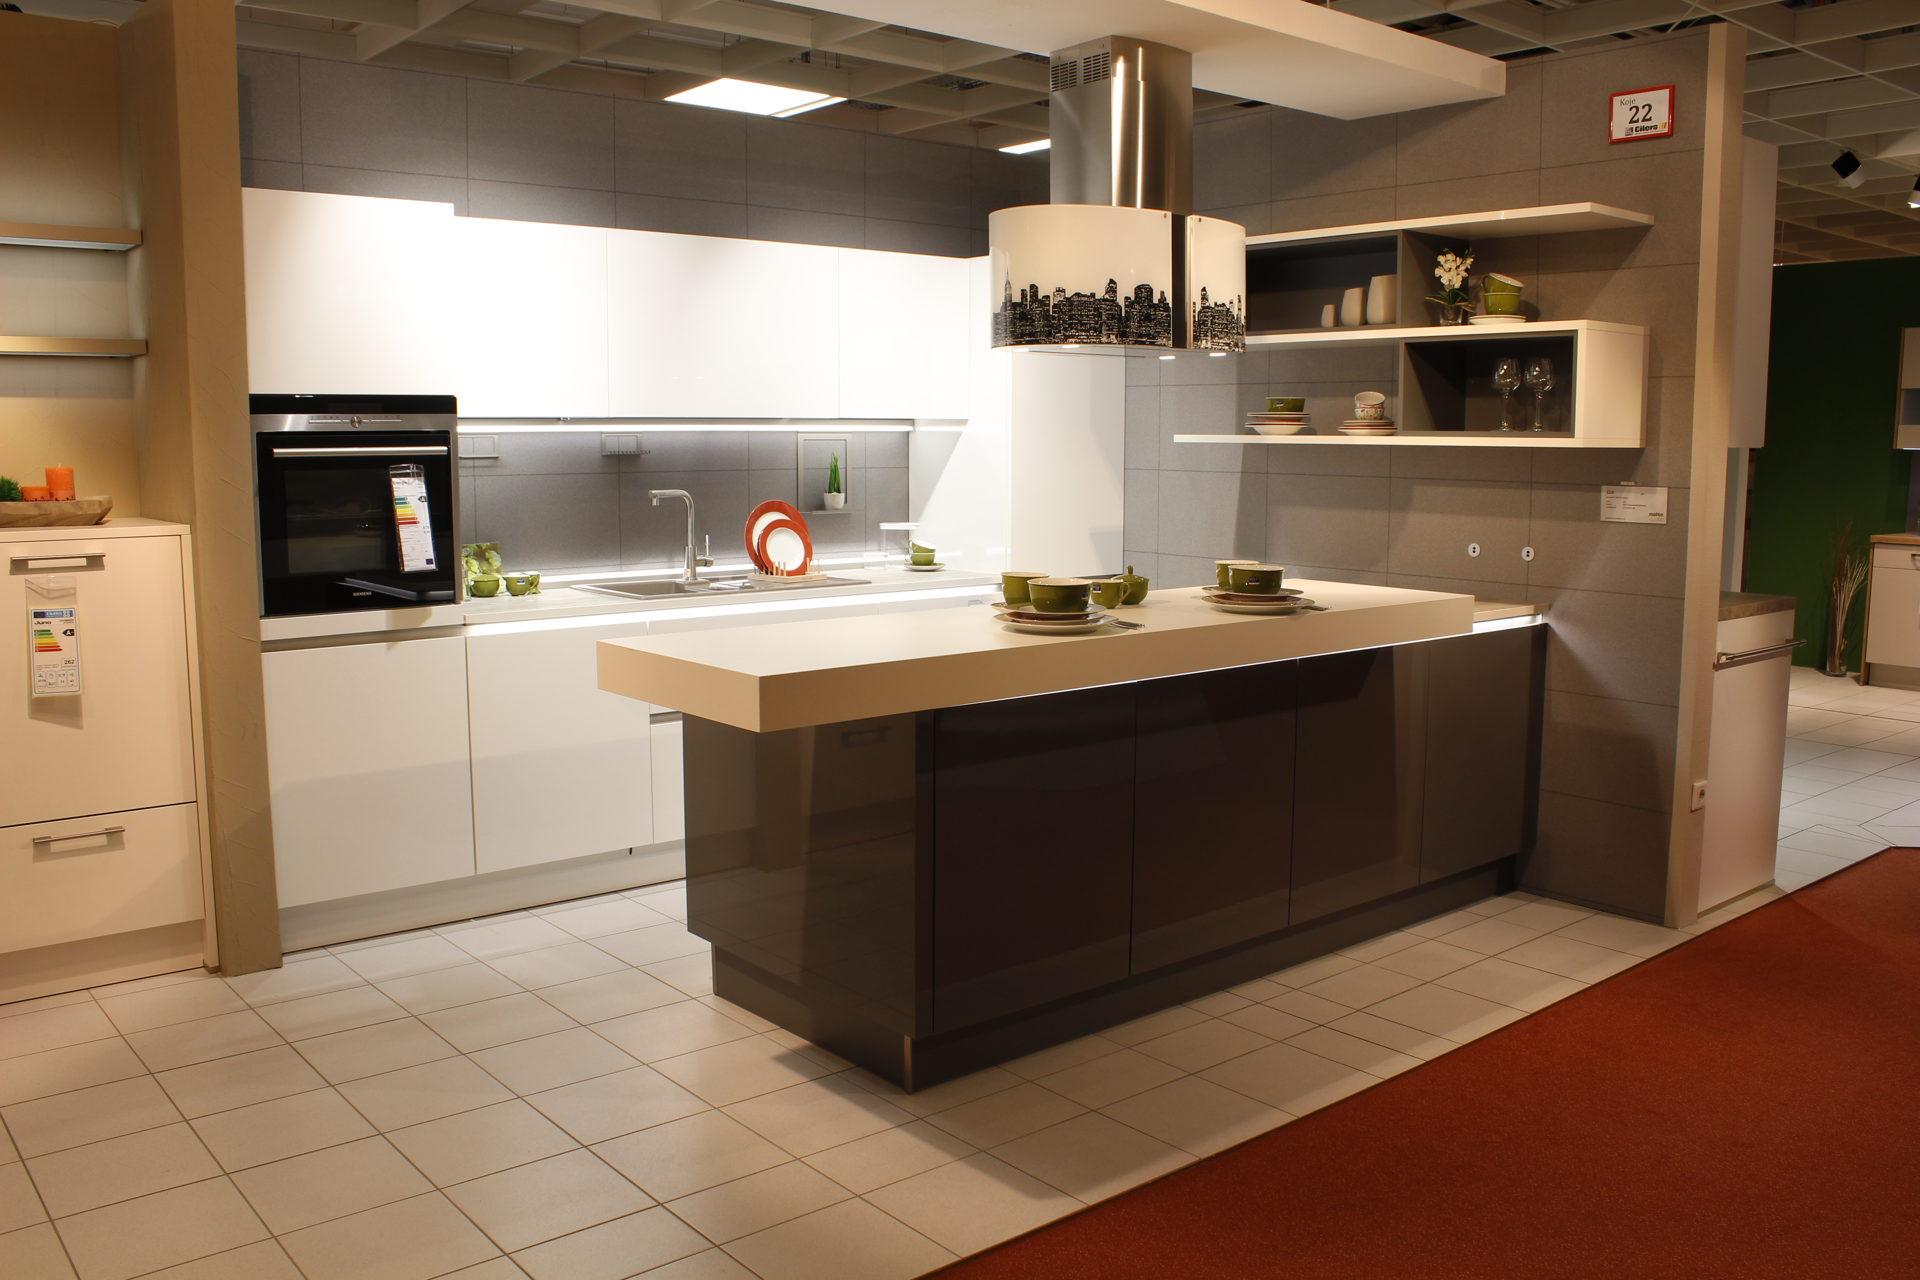 Küchen abverkauf günstig  Möbel Eilers Apen, Abverkauf, Küchen, Ausstellungsküche ...